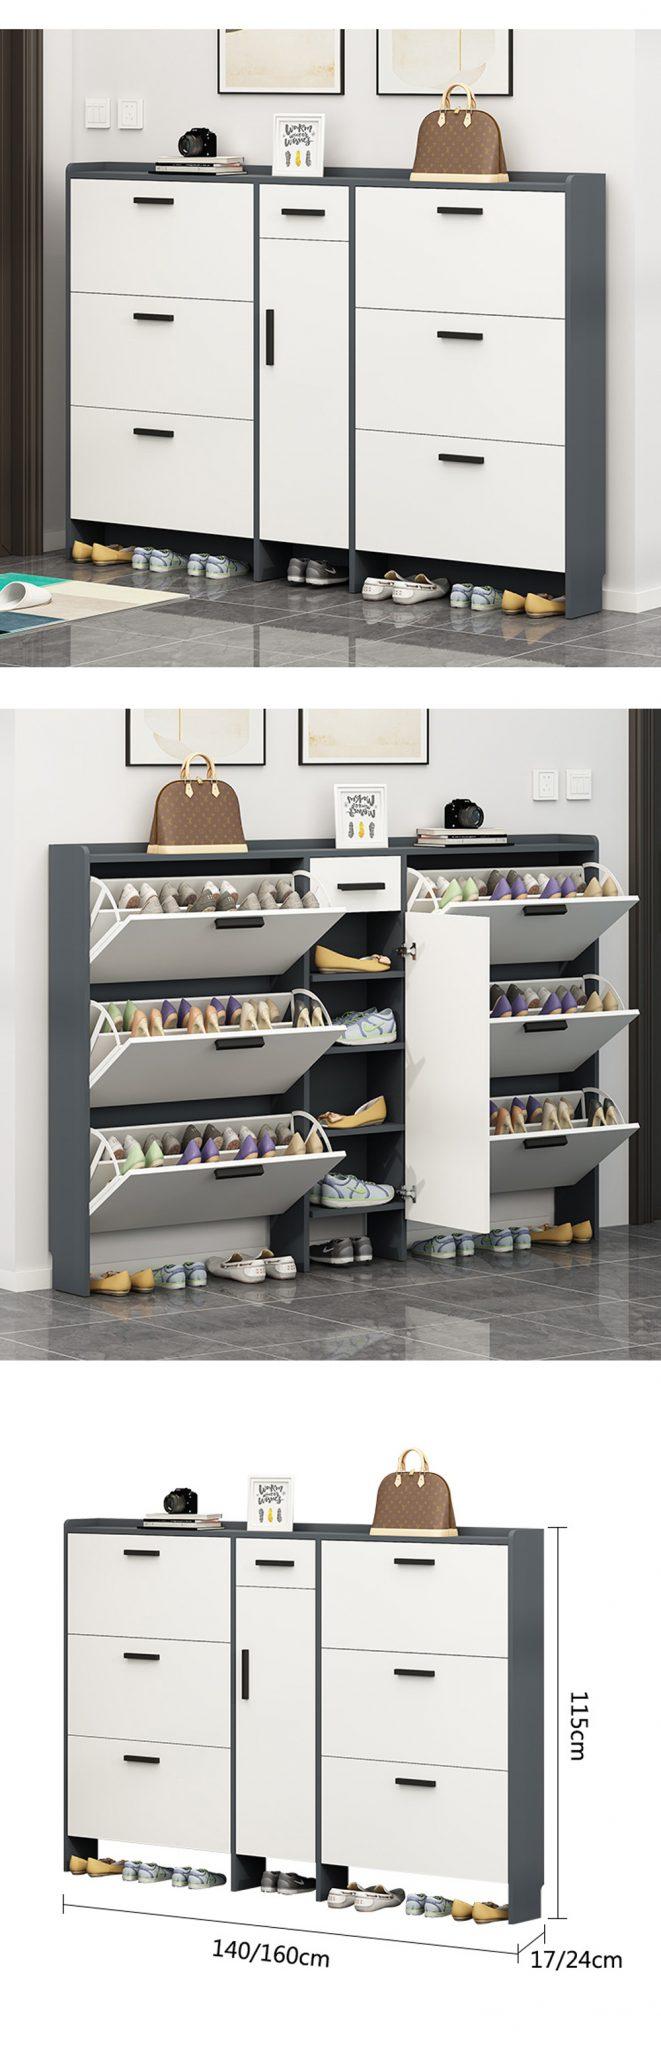 Thiết kế gọn gàng không rờm rà cho việc bảo vệ giày dép và còn trang trí cho nhà thêm xinh.